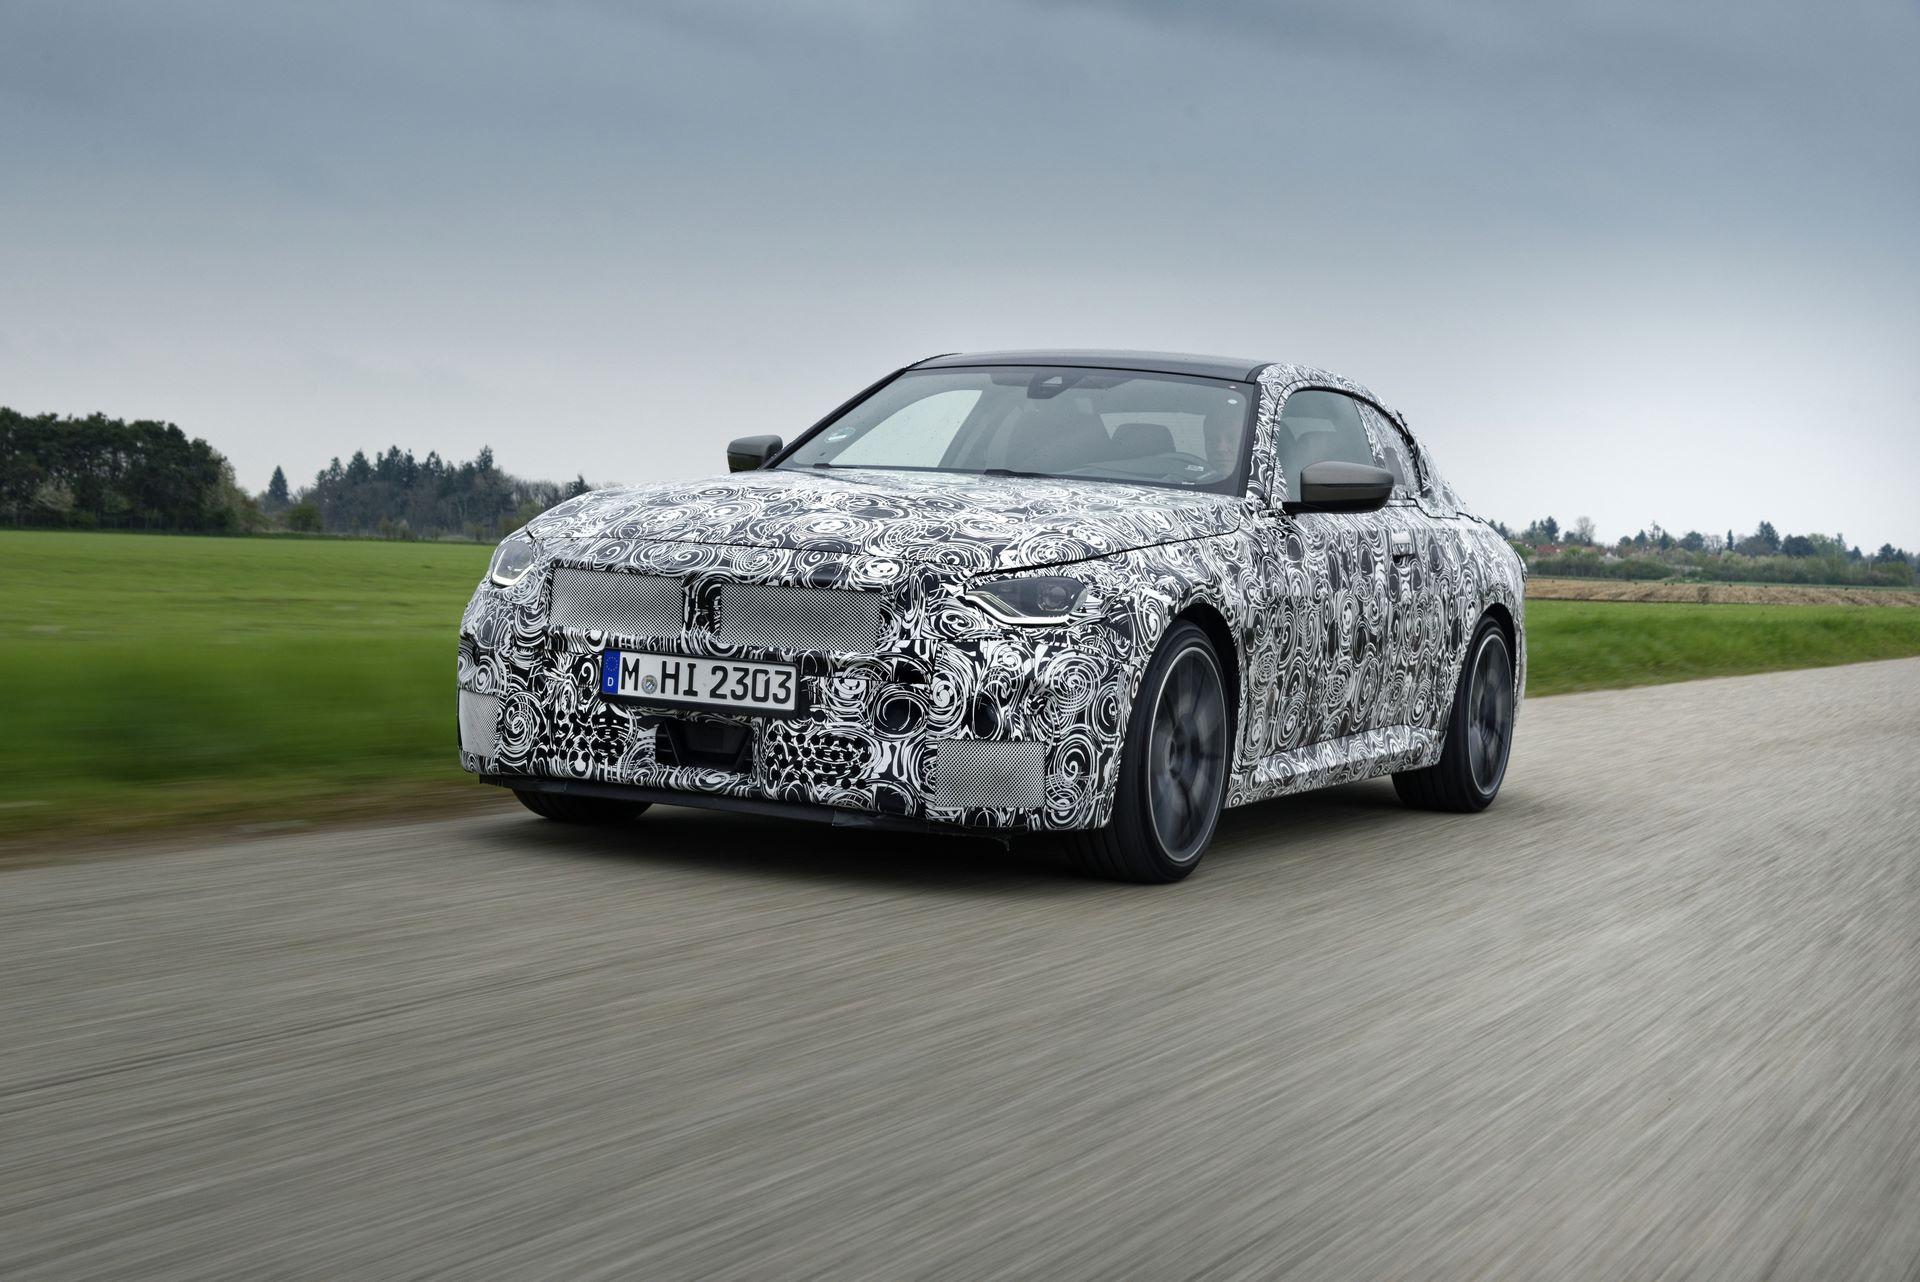 BMW-2-Series-M240i-spy-photos-92